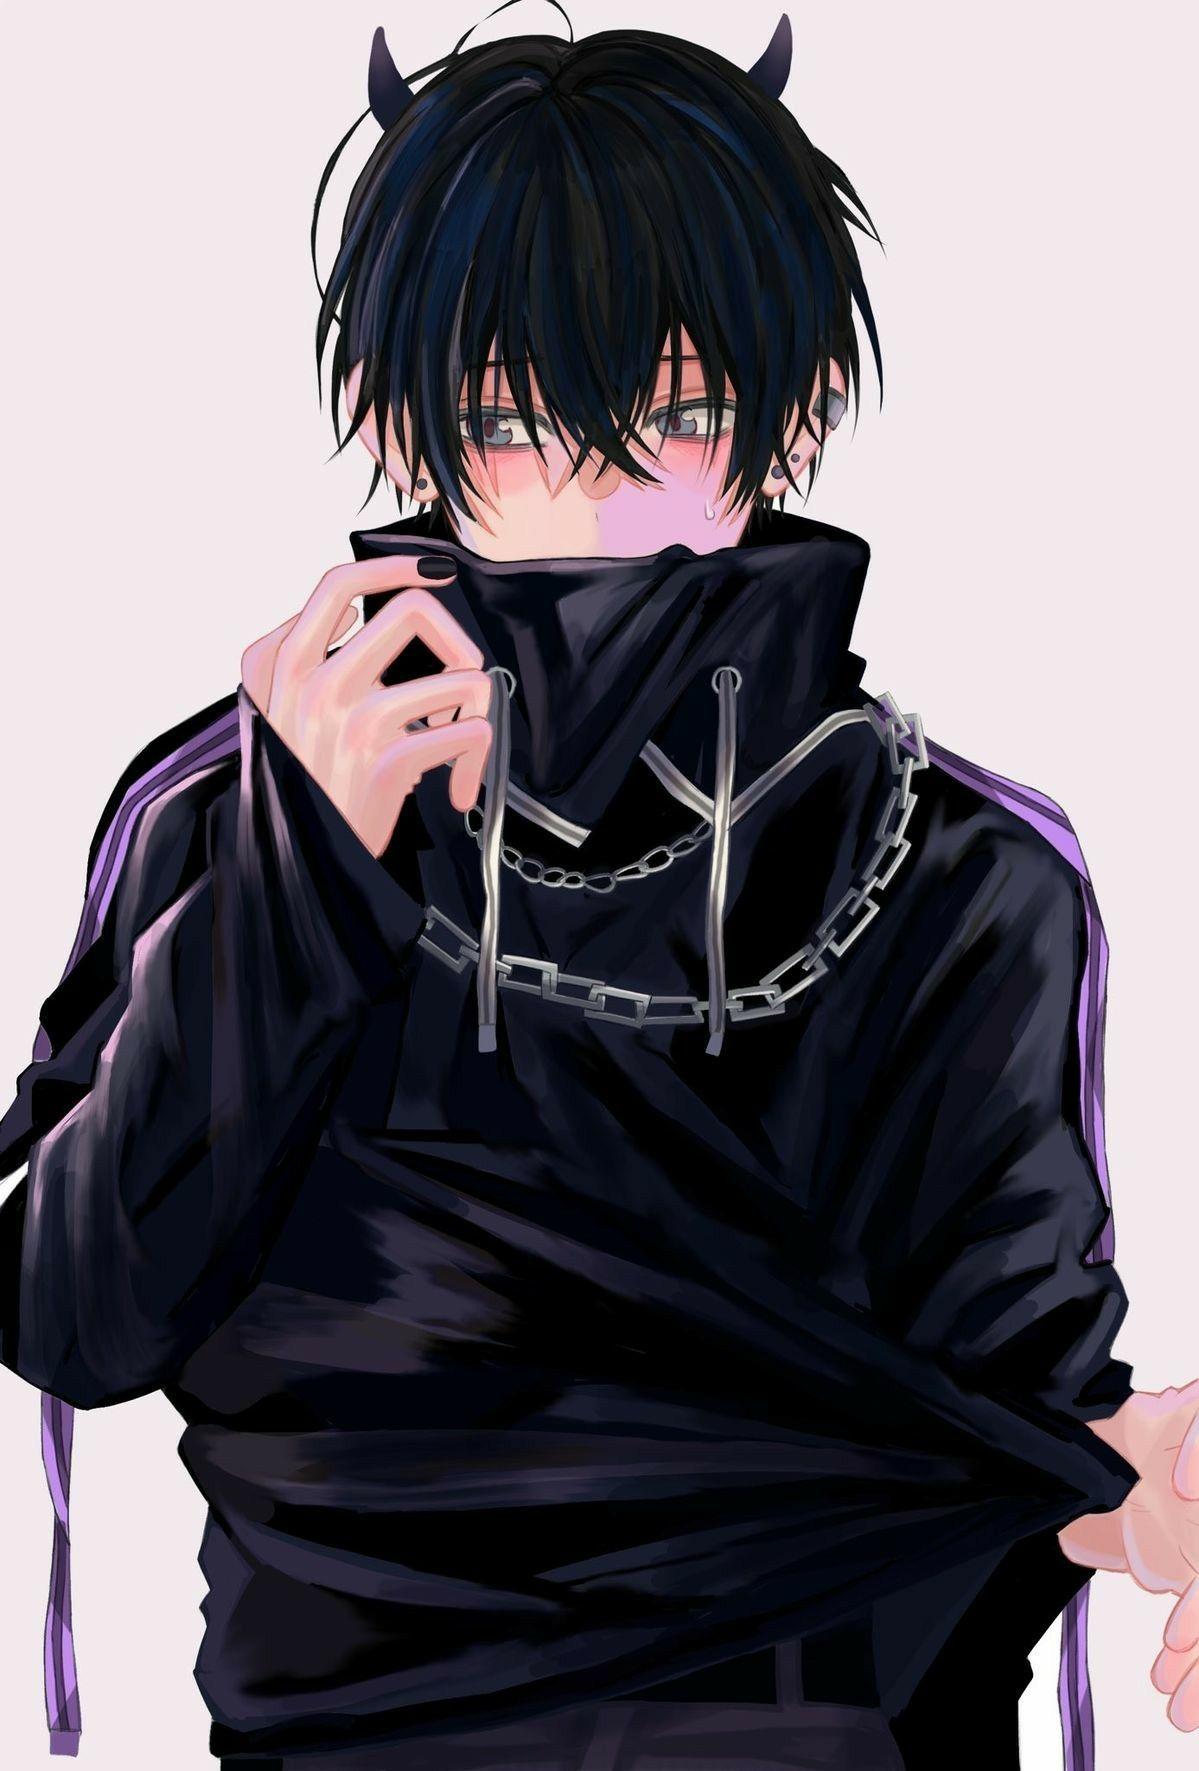 Pin On Bad Girl Anime guy wallpaper black